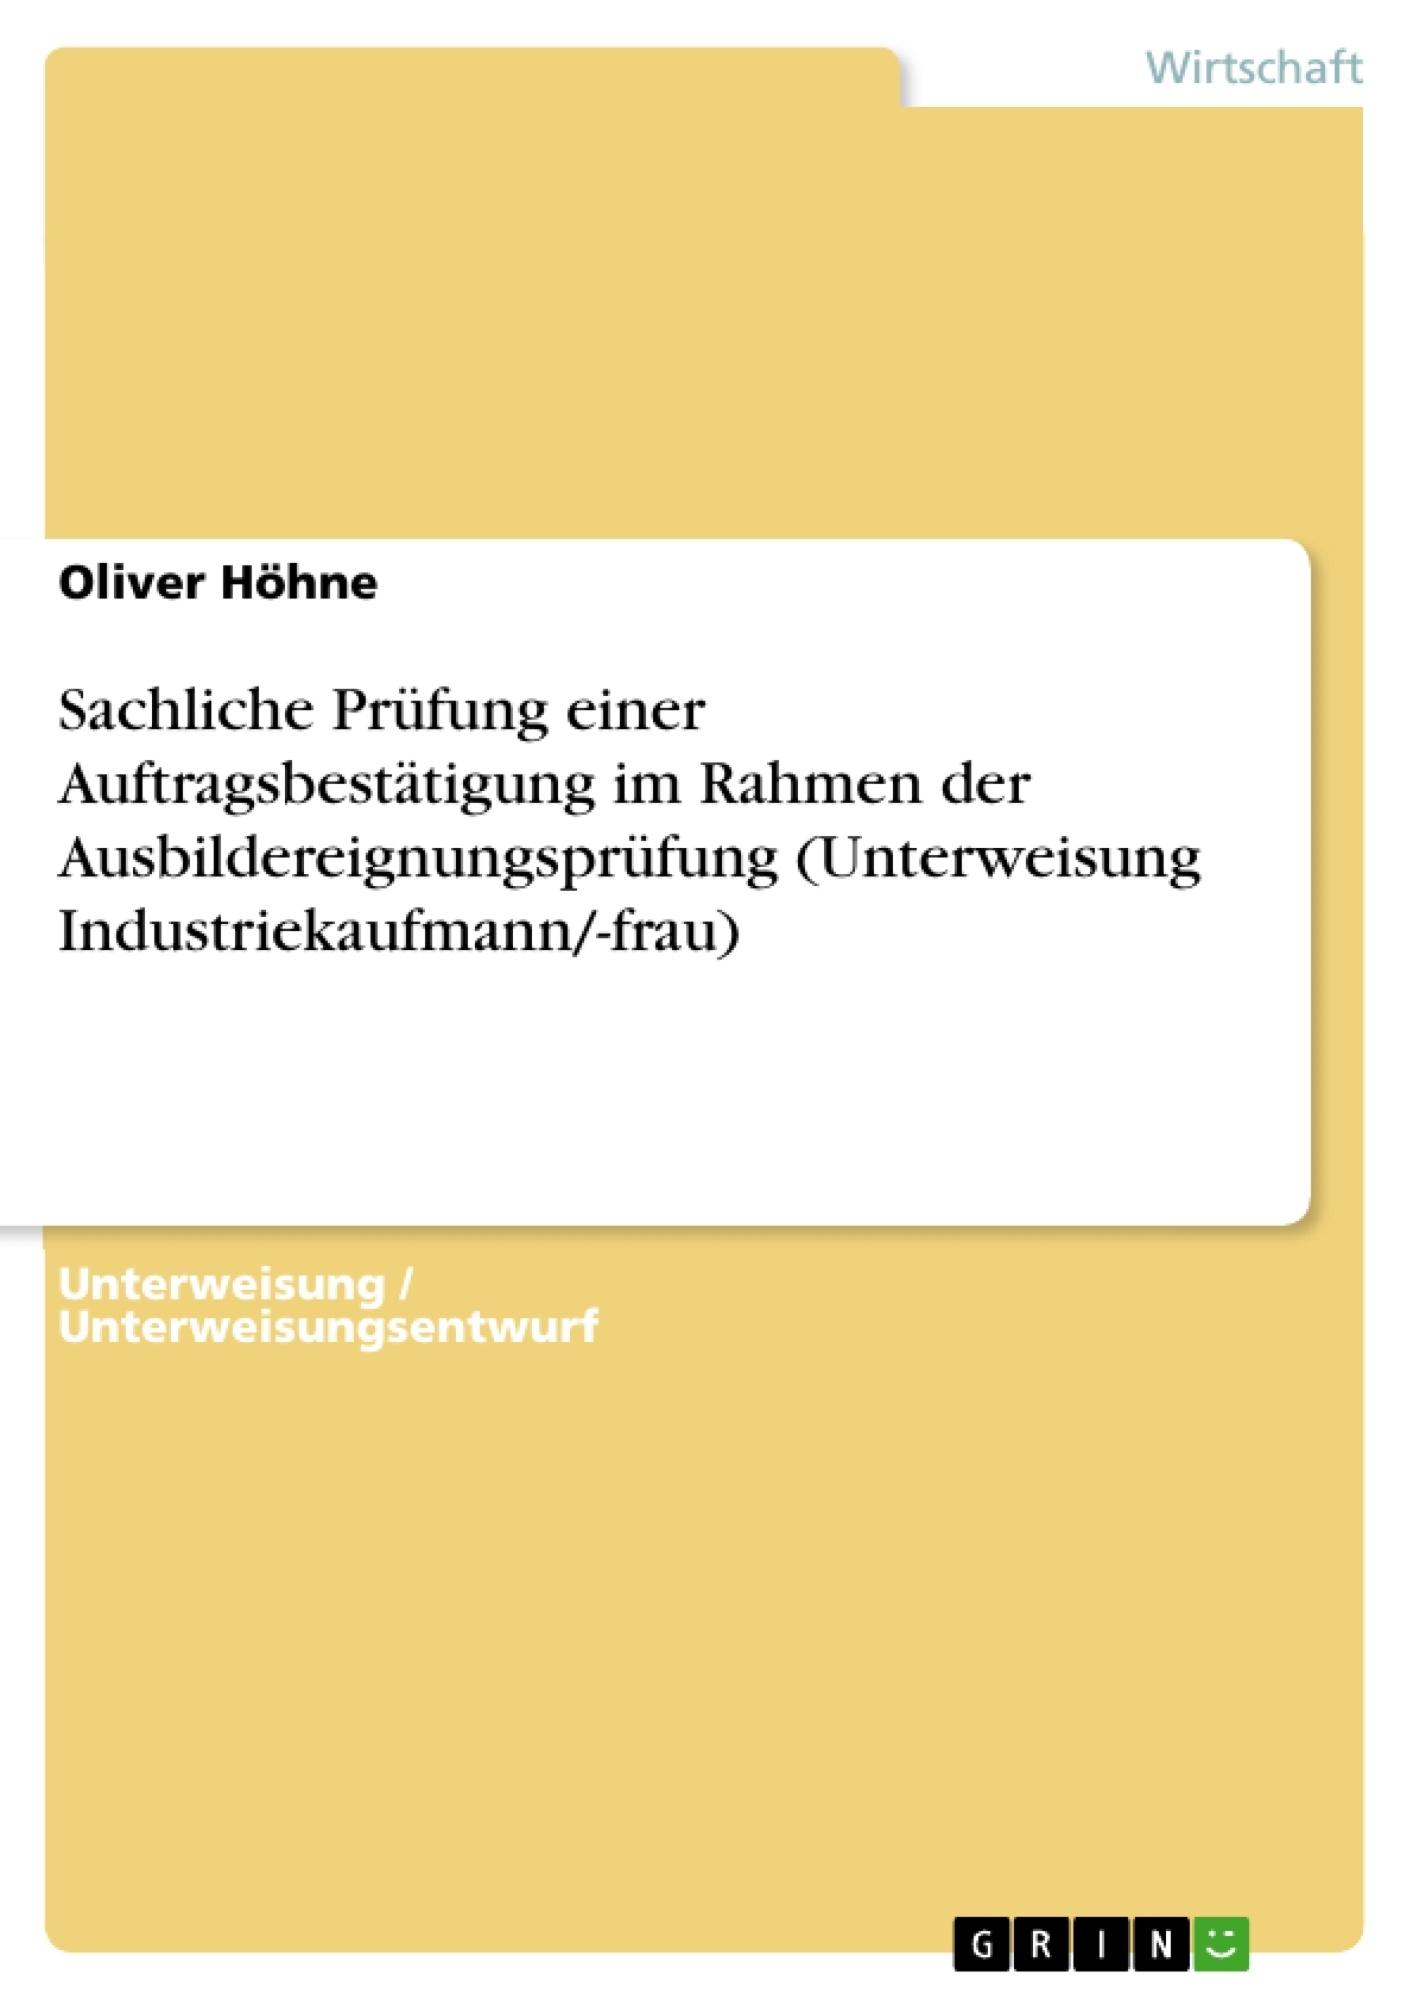 Titel: Sachliche Prüfung einer Auftragsbestätigung im Rahmen der Ausbildereignungsprüfung (Unterweisung Industriekaufmann/-frau)